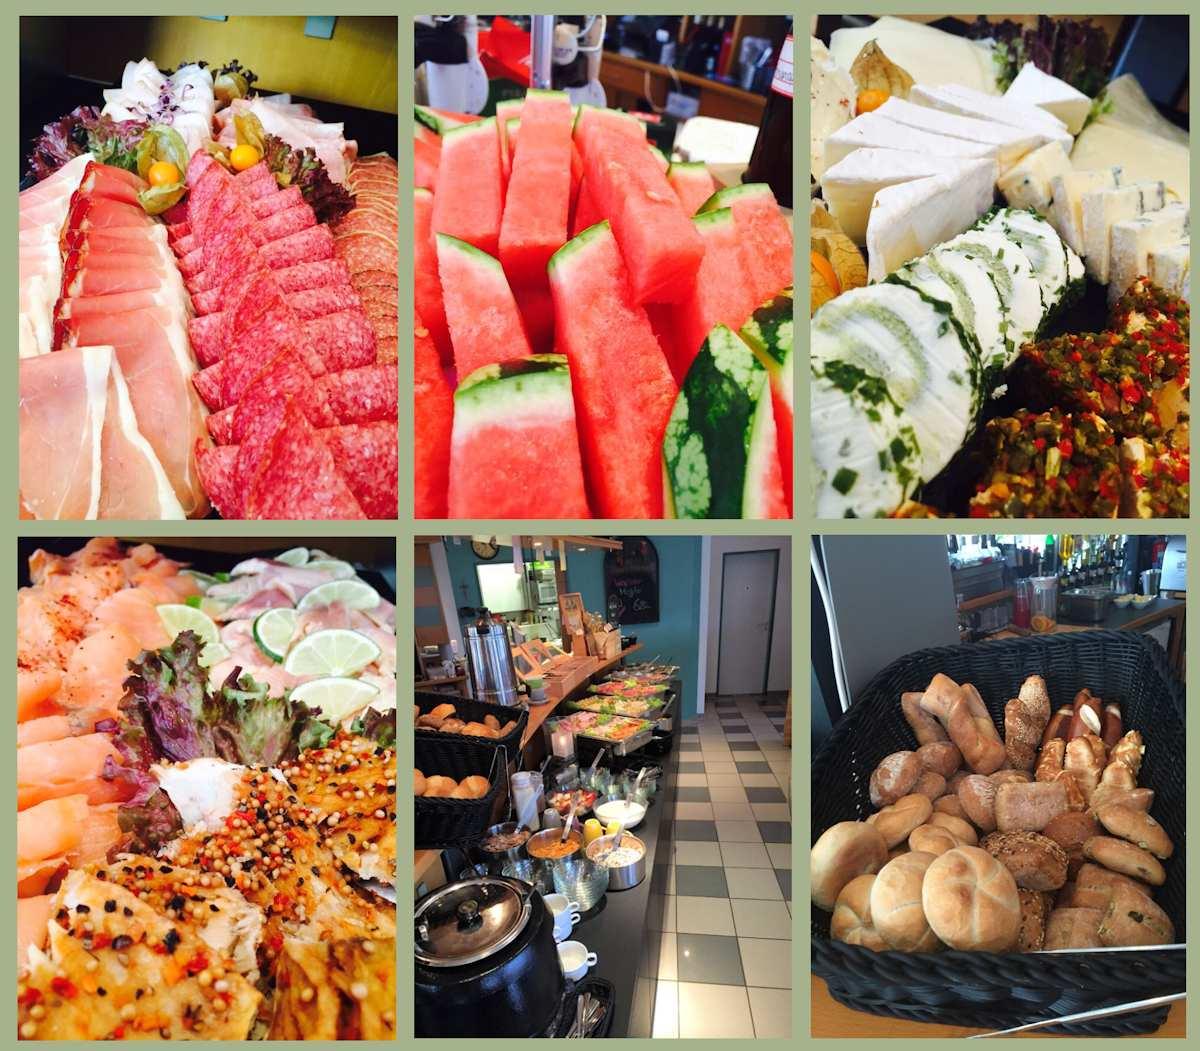 Frühstücksbüffet, Frühstück, Breakfast, Brunch, Buffet, Büffet